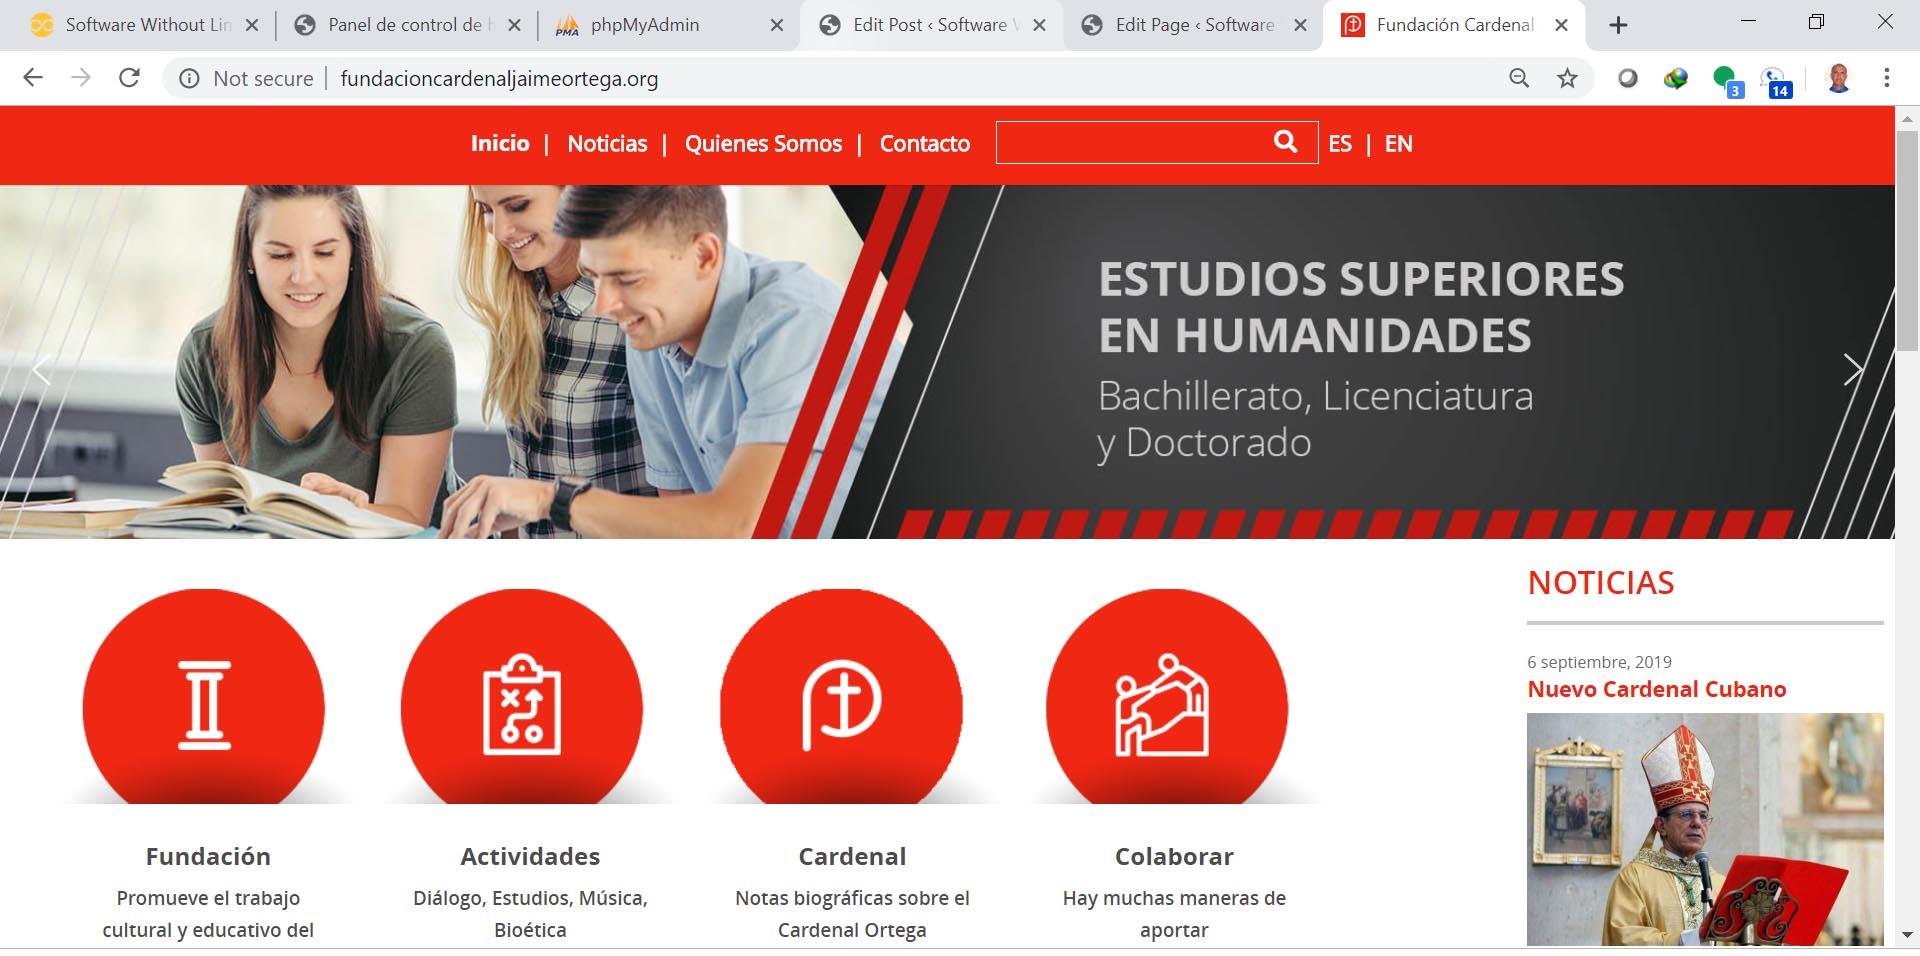 Sitio Web de la Fundación Cardenal Jaime Ortega, para sosten de las obras educativas de la Iglesia Católica en Cuba.